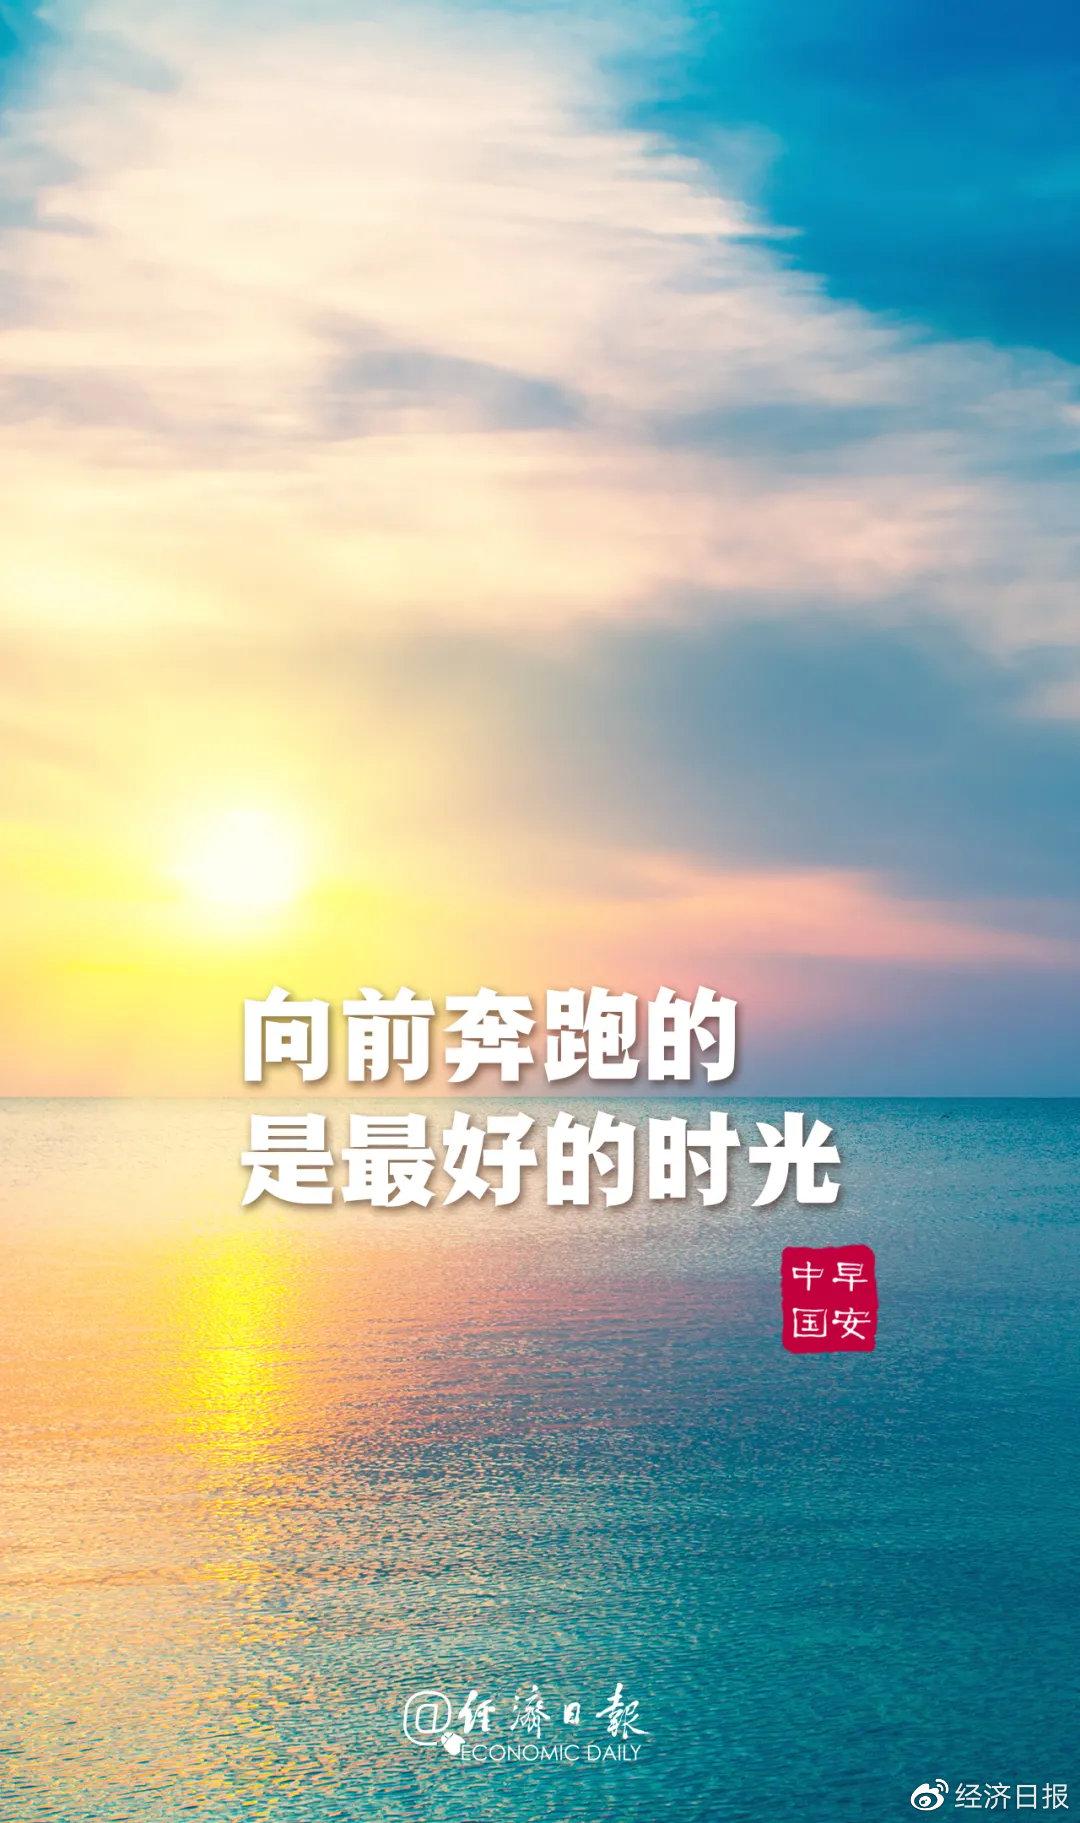 经济日报丨财经早餐【1月22日星期五】